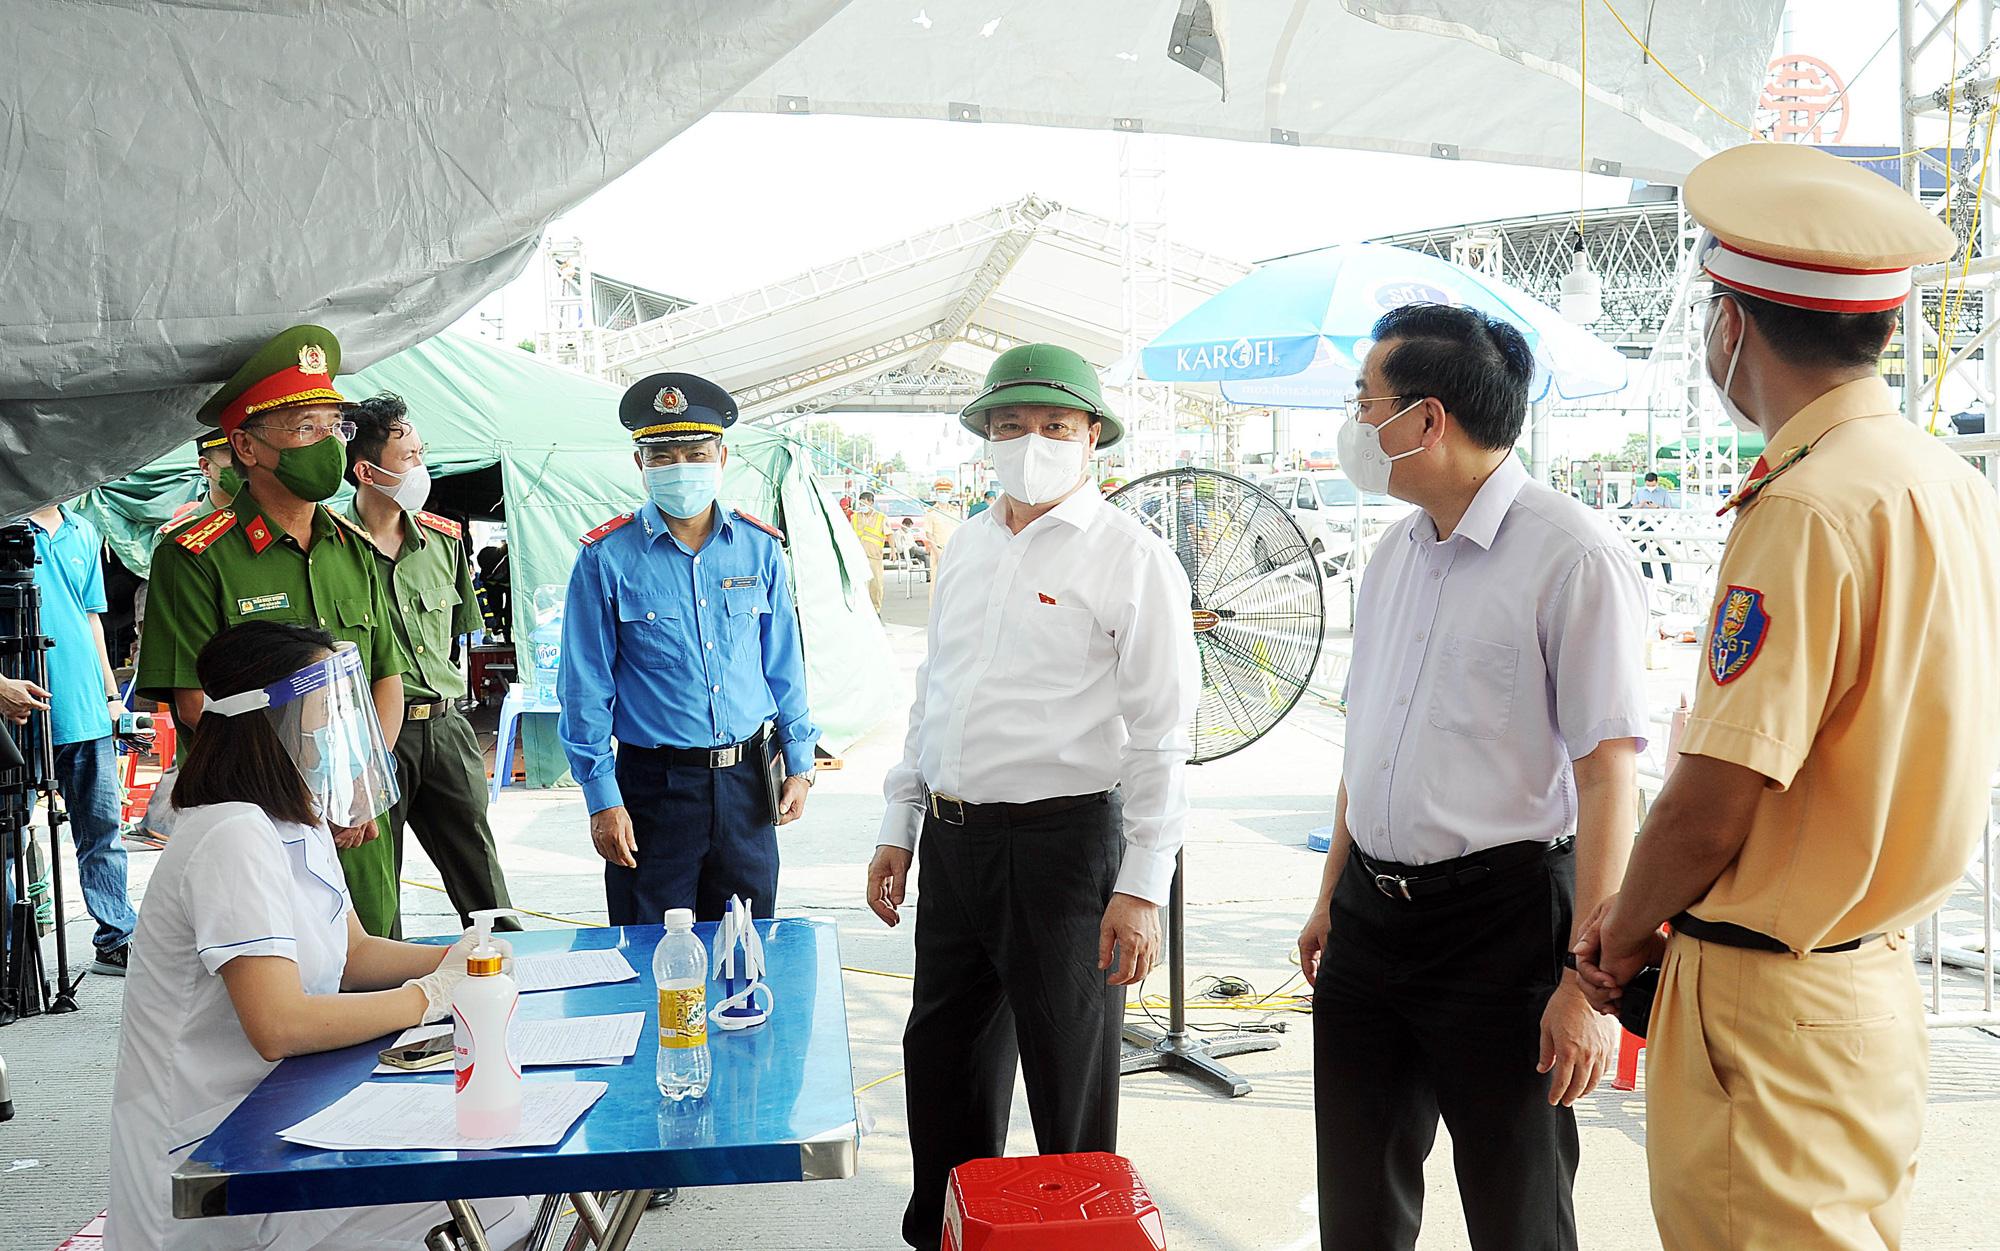 Thành ủy Hà Nội chỉ đạo 6 nhiệm vụ quan trọng trong diễn biến mới của dịch Covid-19 - Ảnh 1.